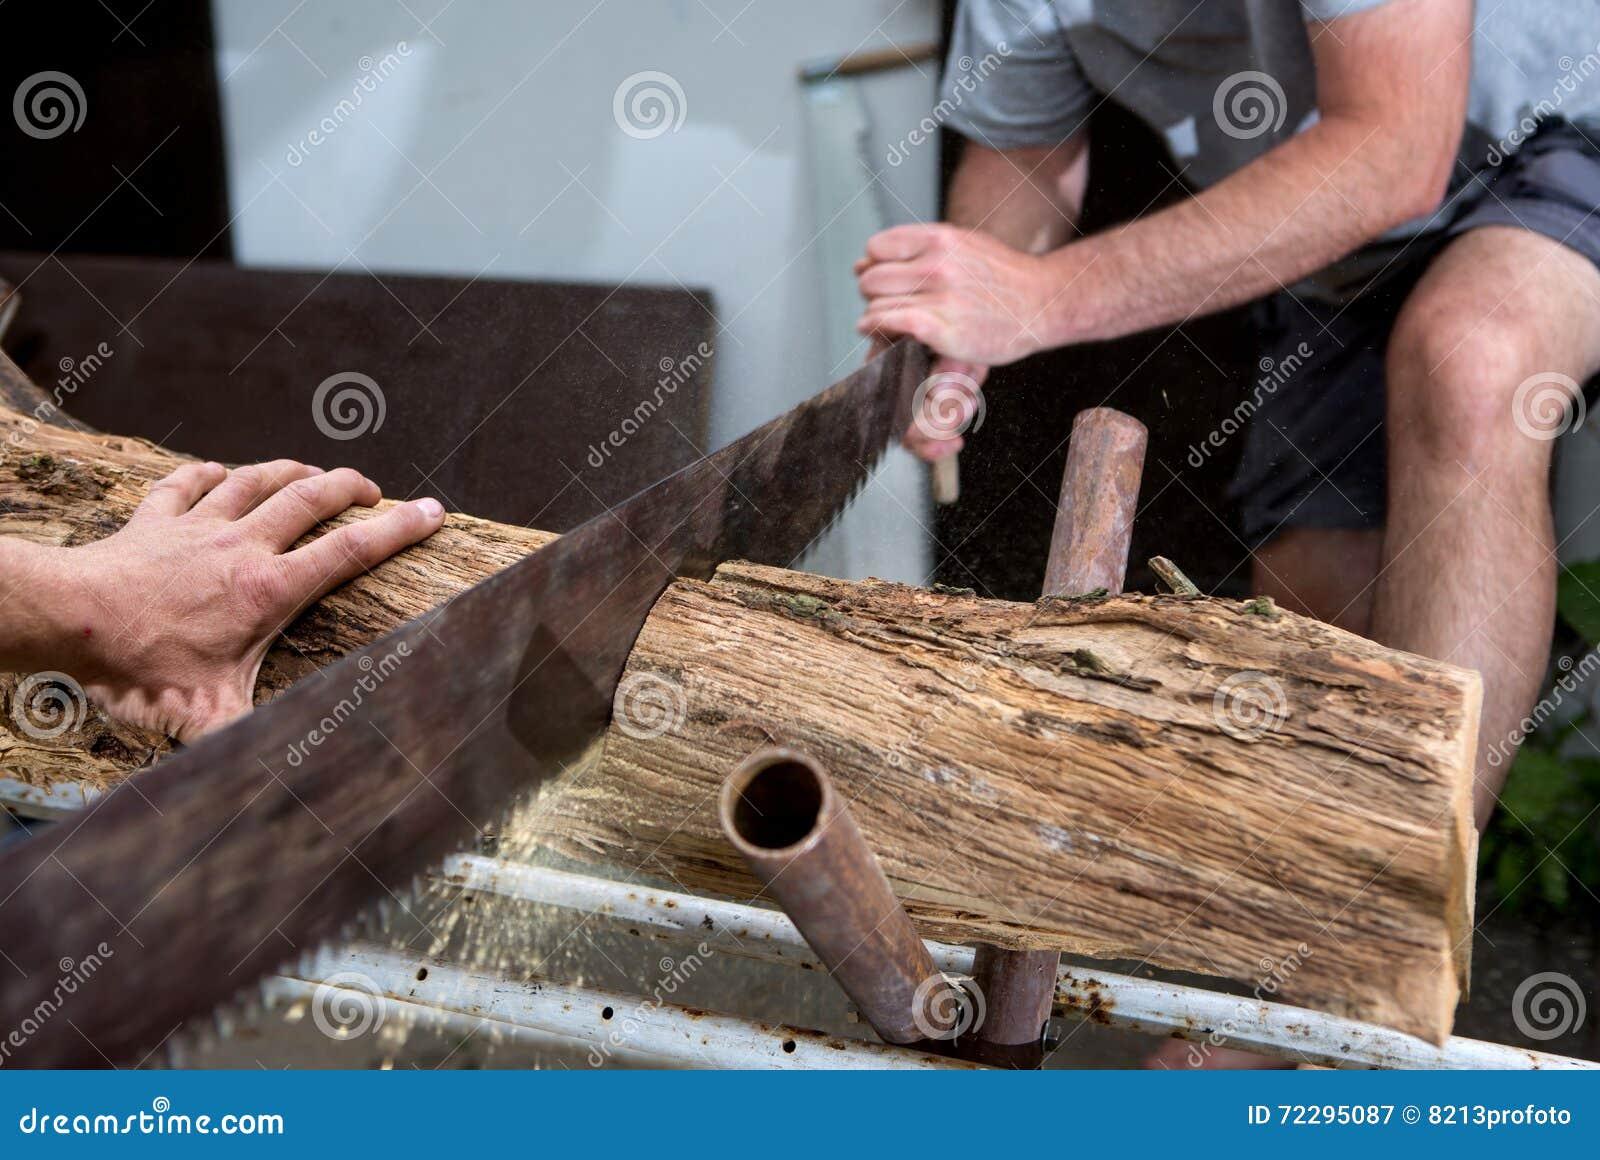 Download Деревья вырезывания для швырка, вырезывания ручной пилы Стоковое Изображение - изображение насчитывающей вырезывание, lopping: 72295087